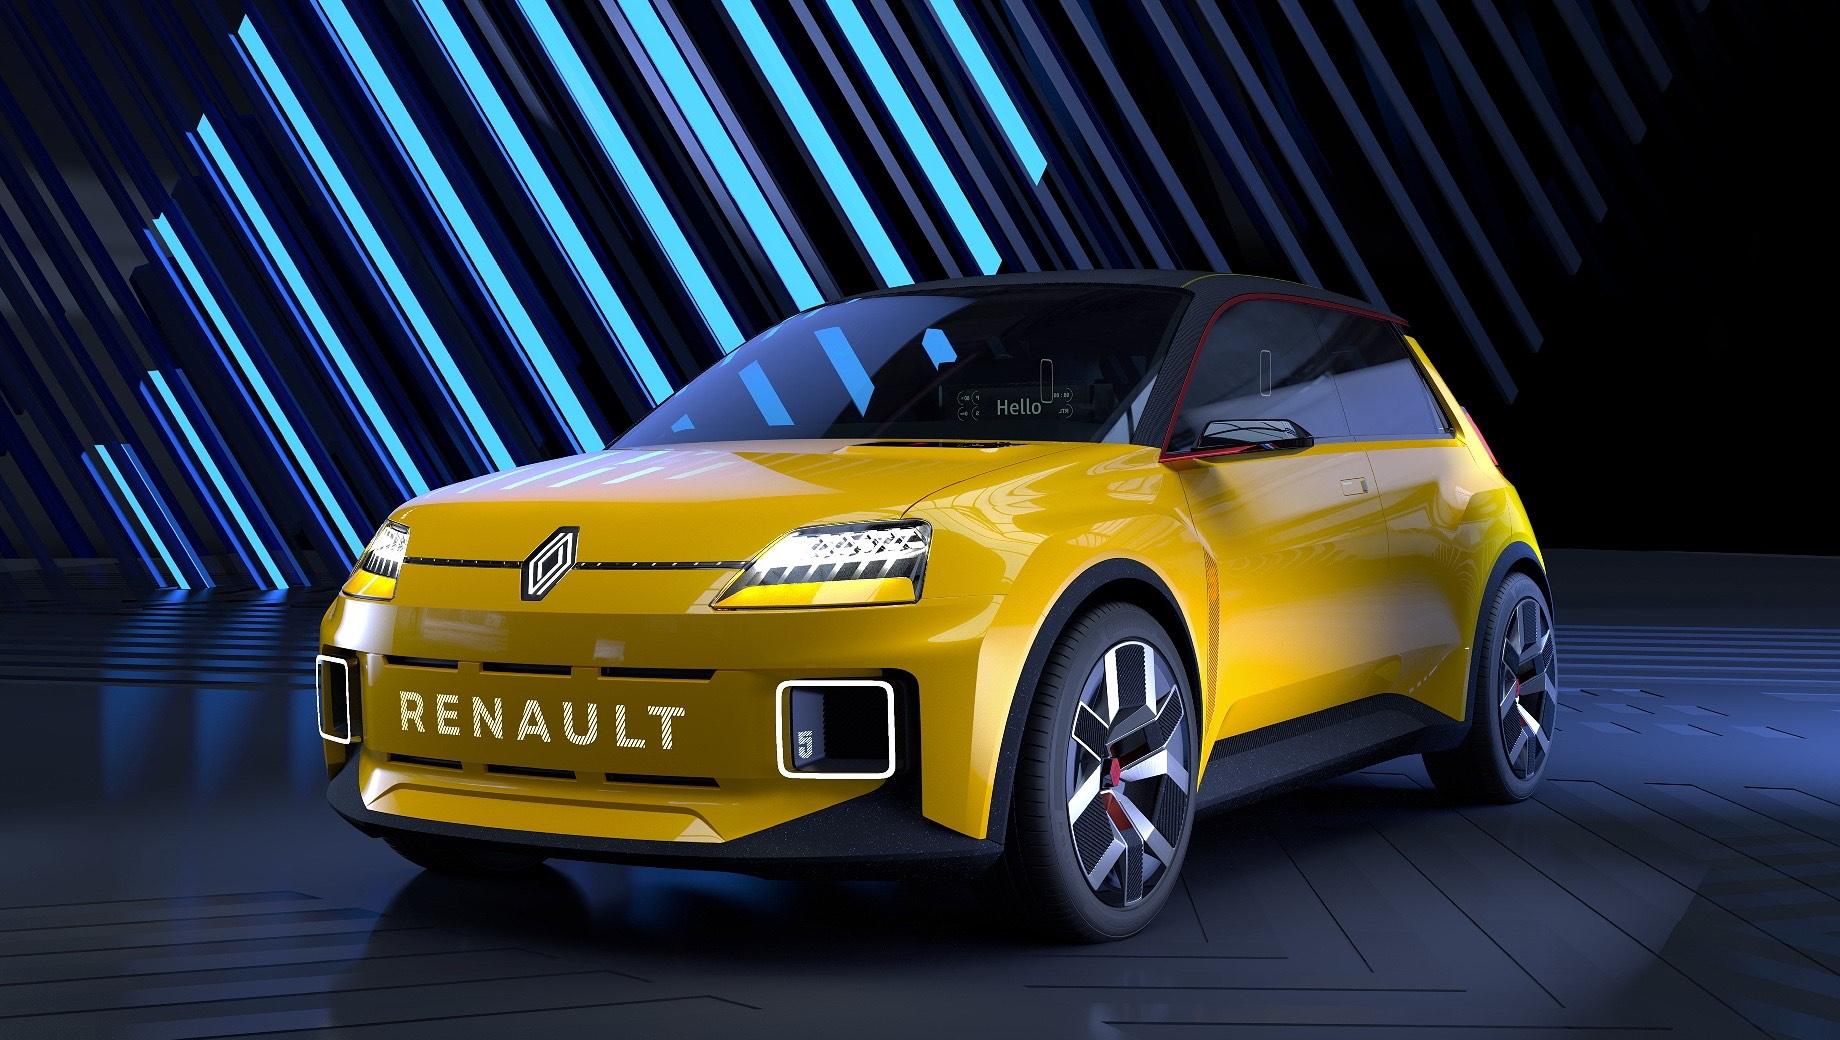 Renault 5,Renault zoe. Будущий электрокар Renault 5 имеет все шансы стать бестселлером. А вот Zoe этом году, возможно, пропустит вперёд не только Volkswagen ID.3, но и седан Tesla Model 3. Последний в Европе занял второе место по продажам за 2020-й, разойдясь тиражом 87 642 экземпляра.